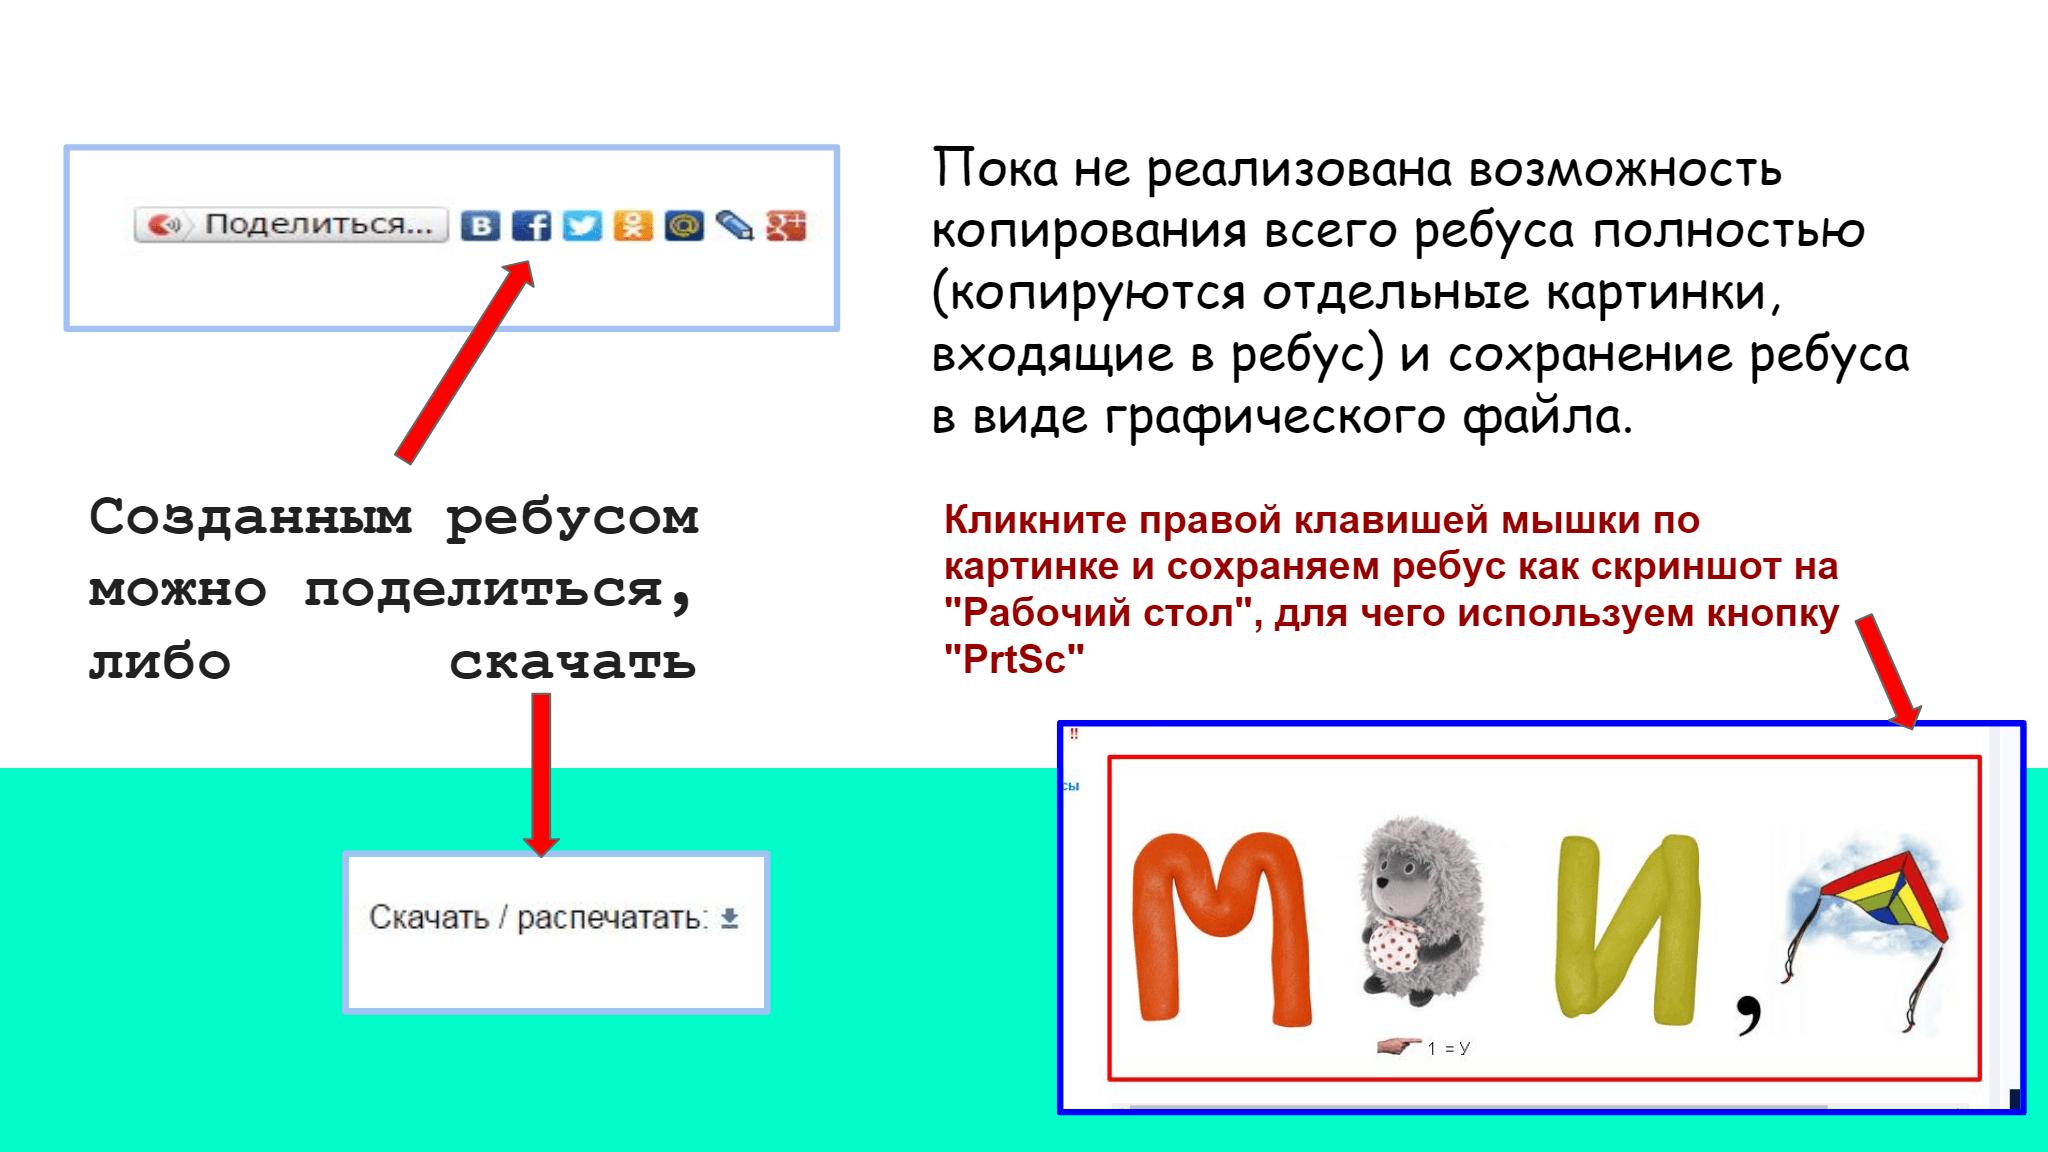 """Созданным   ребусом   можно   поделиться ,          либо        скачать  Пока не реализована возможность   копирования всего ребуса полностью   (копируются отдельные картинки,   входящие в ребус) и сохранение ребуса   в виде графического файла.    Кликните правой клавишей мышки по  картинке и сохраняем ребус как скриншот на  """"Рабочий стол"""", для чего используем кнопку  """"PrtSc"""""""